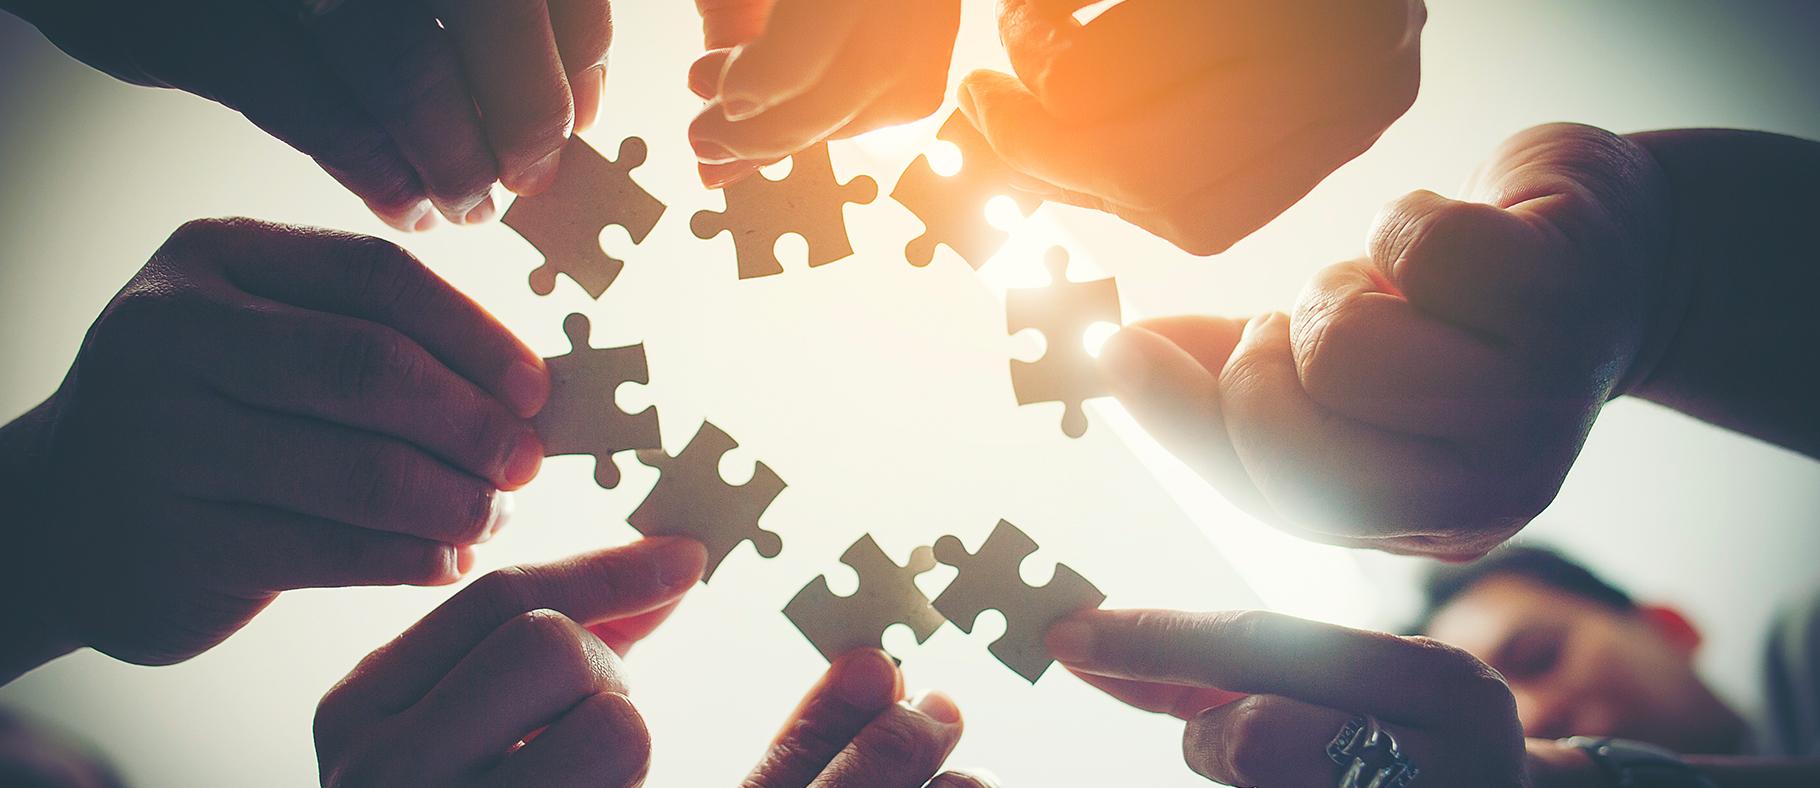 Cinque consigli per gestire al meglio il team in smart working